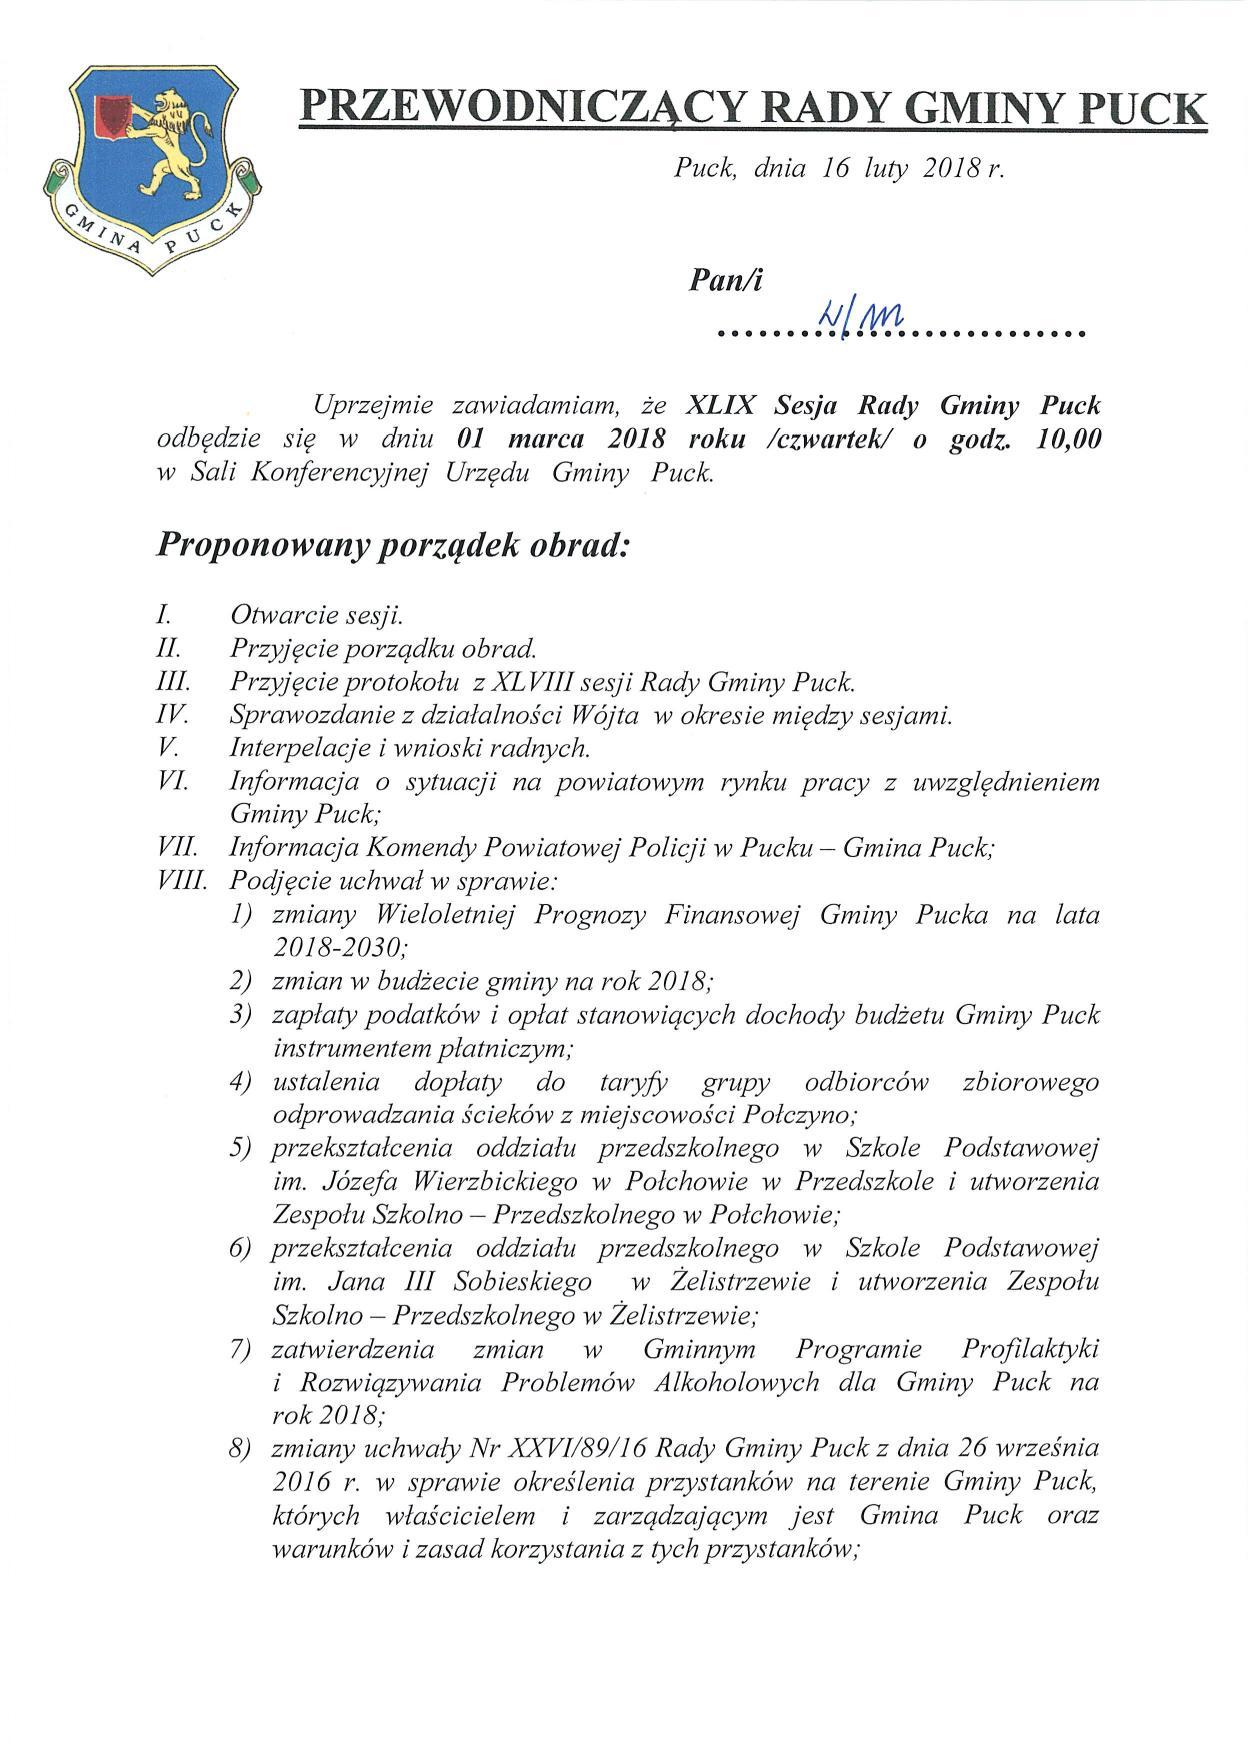 Proponowany porządek obrad XLIX sesji Rady Gminy Puck - dnia 01 marca 2018 roku_01